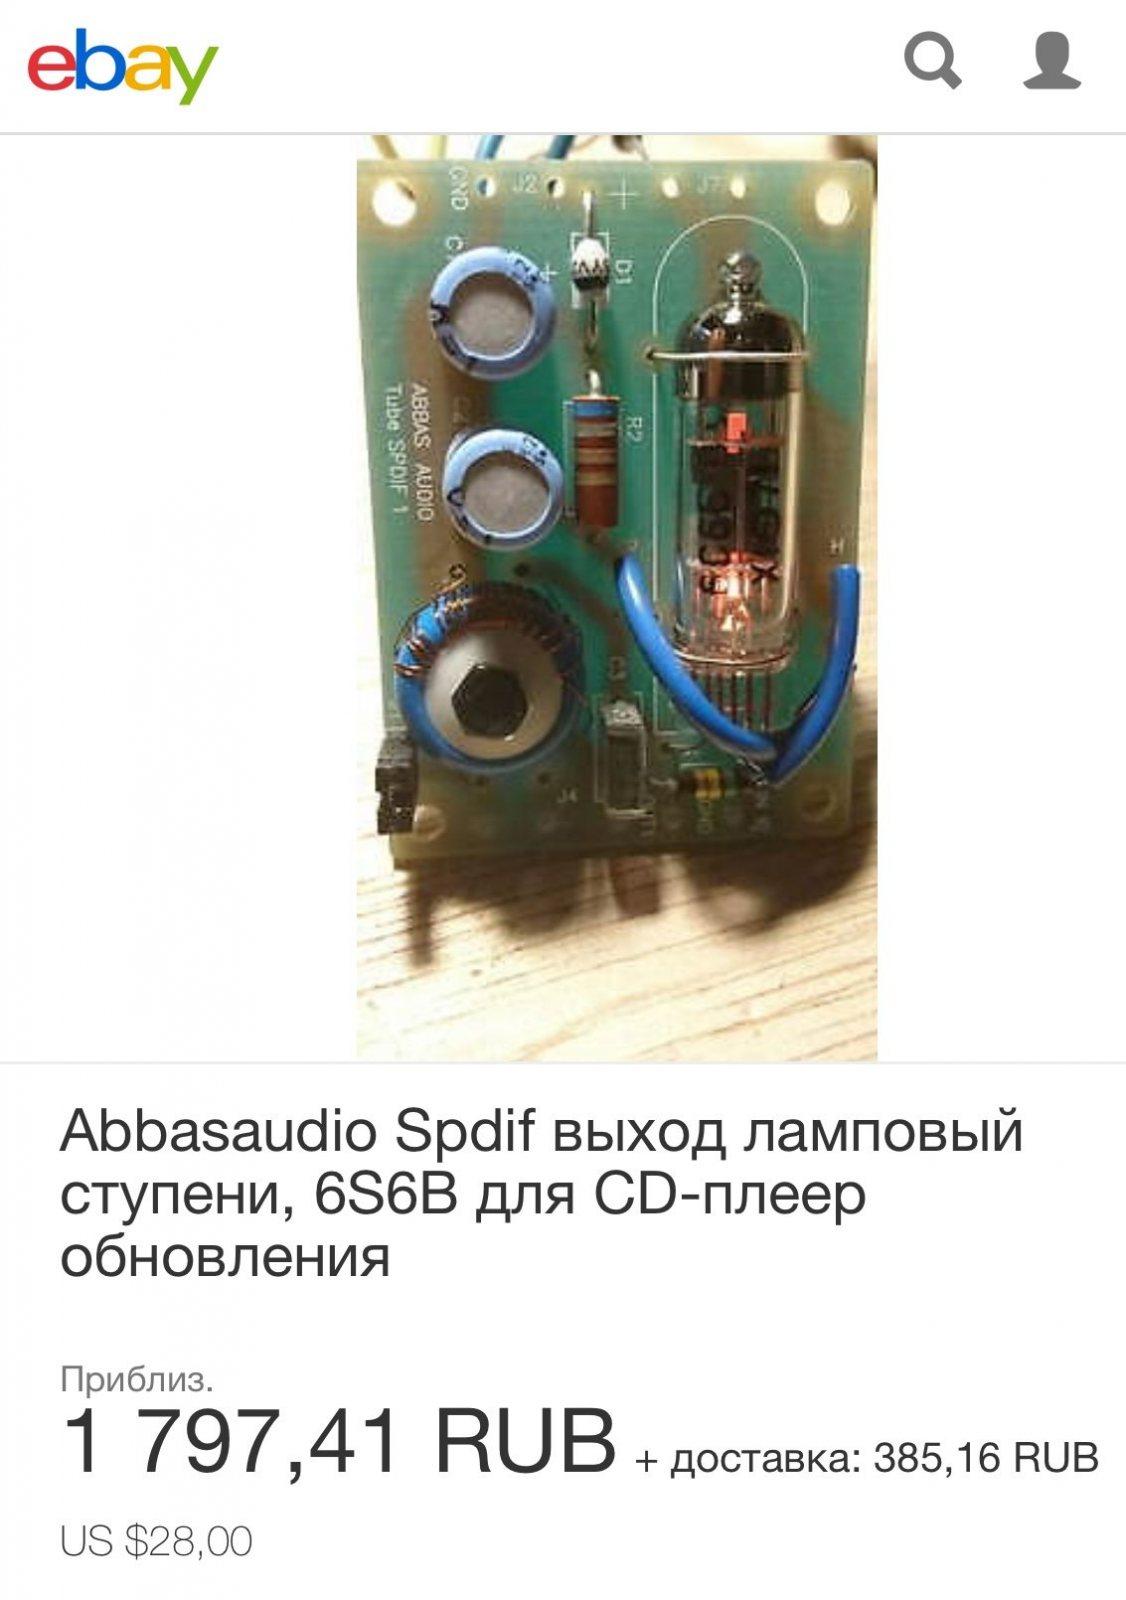 C07A1013-D6DA-4C58-9AA3-696B33C90A15.jpeg